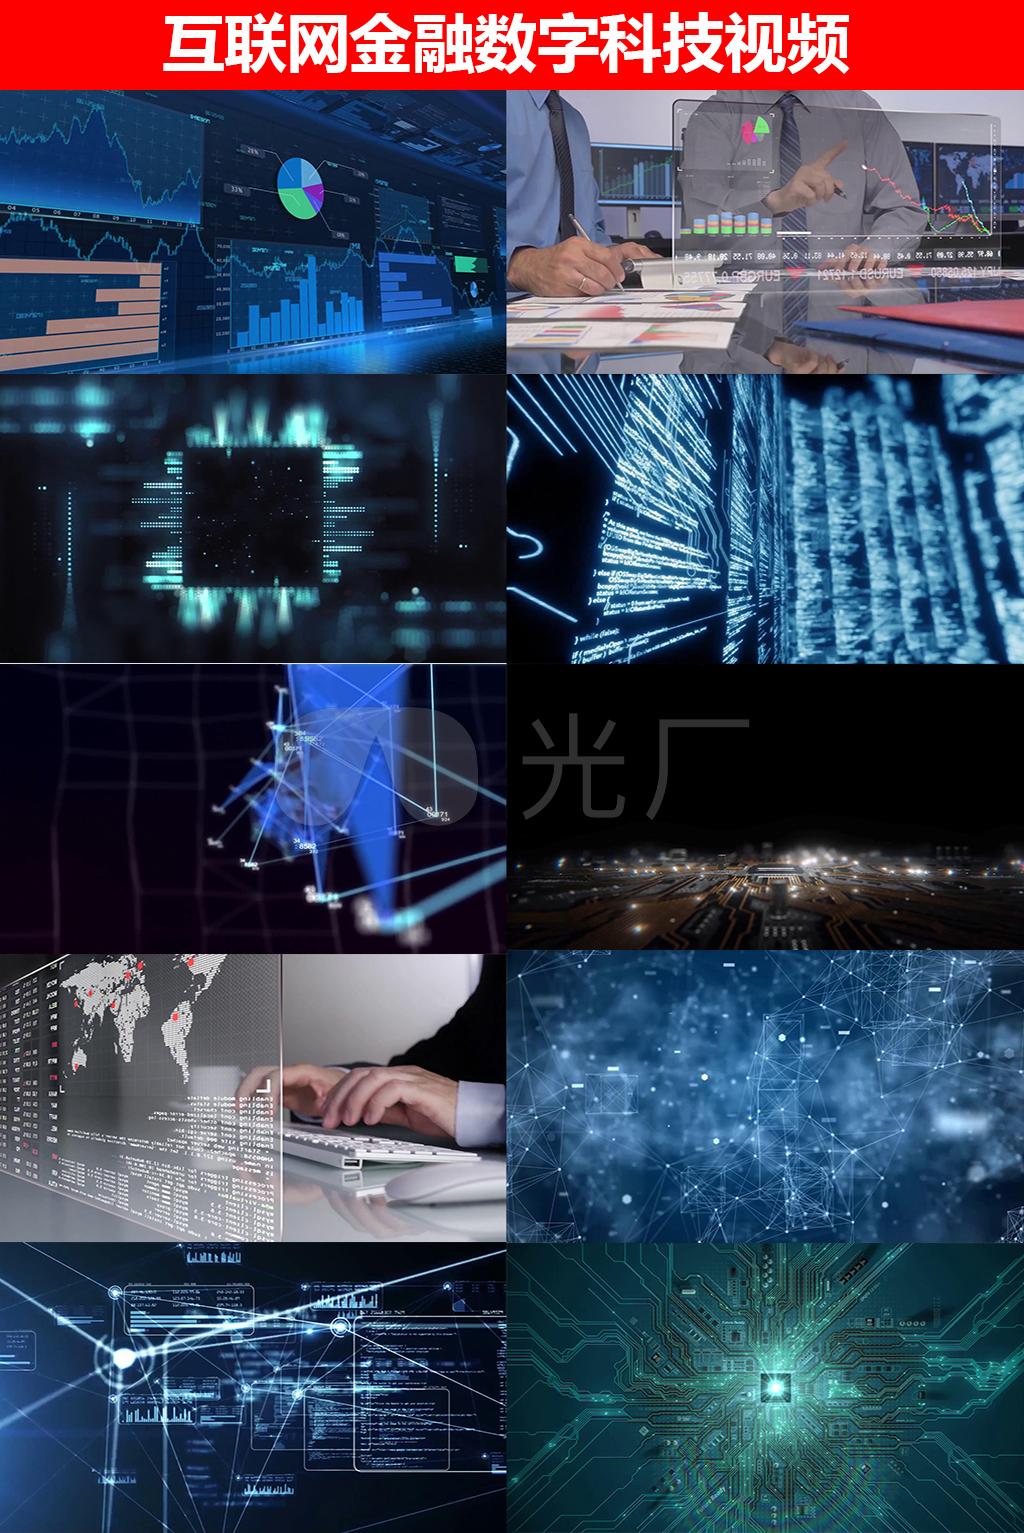 互联网金融数字科技视频